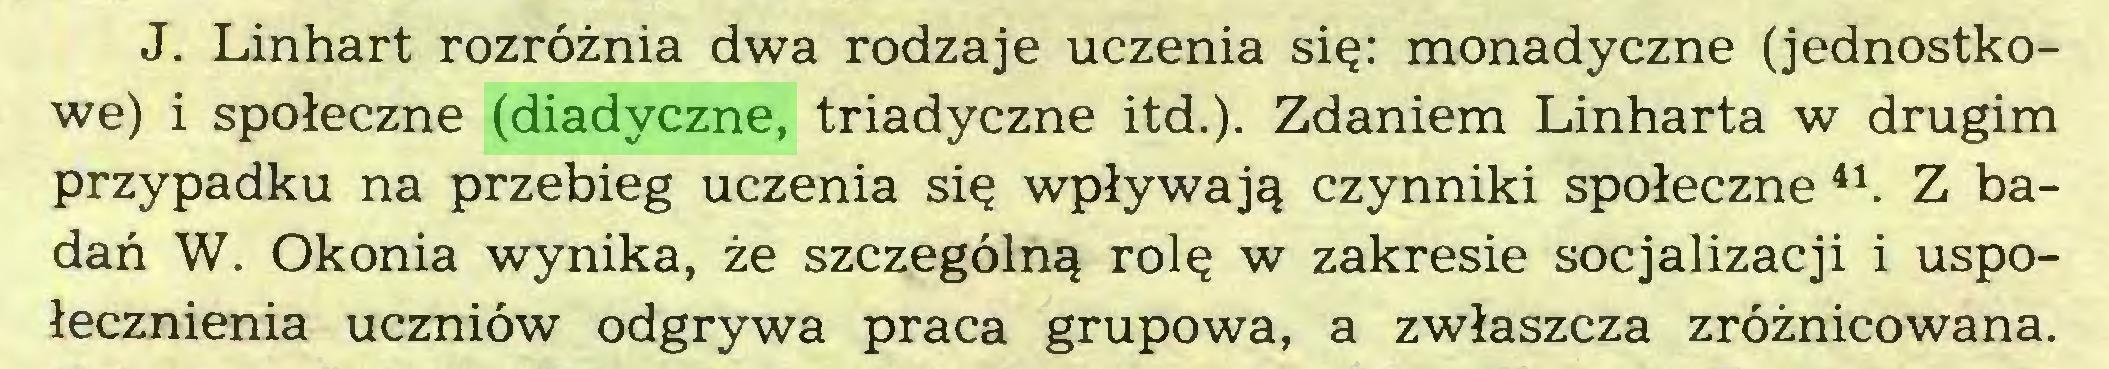 (...) J. Linhart rozröznia dwa rodzaje uczenia si^: monadyczne (jednostkowe) i spoleczne (diadyczne, triadyczne itd.). Zdaniem Linharta w drugim przypadku na przebieg uczenia si$ wplywaj^ czynniki spoleczne 41. Z badan W. Okonia wynika, ze szczegöln^ rol$ w zakresie socjalizacji i uspolecznienia uczniöw odgrywa praca grupowa, a zwlaszcza zröznicowana...